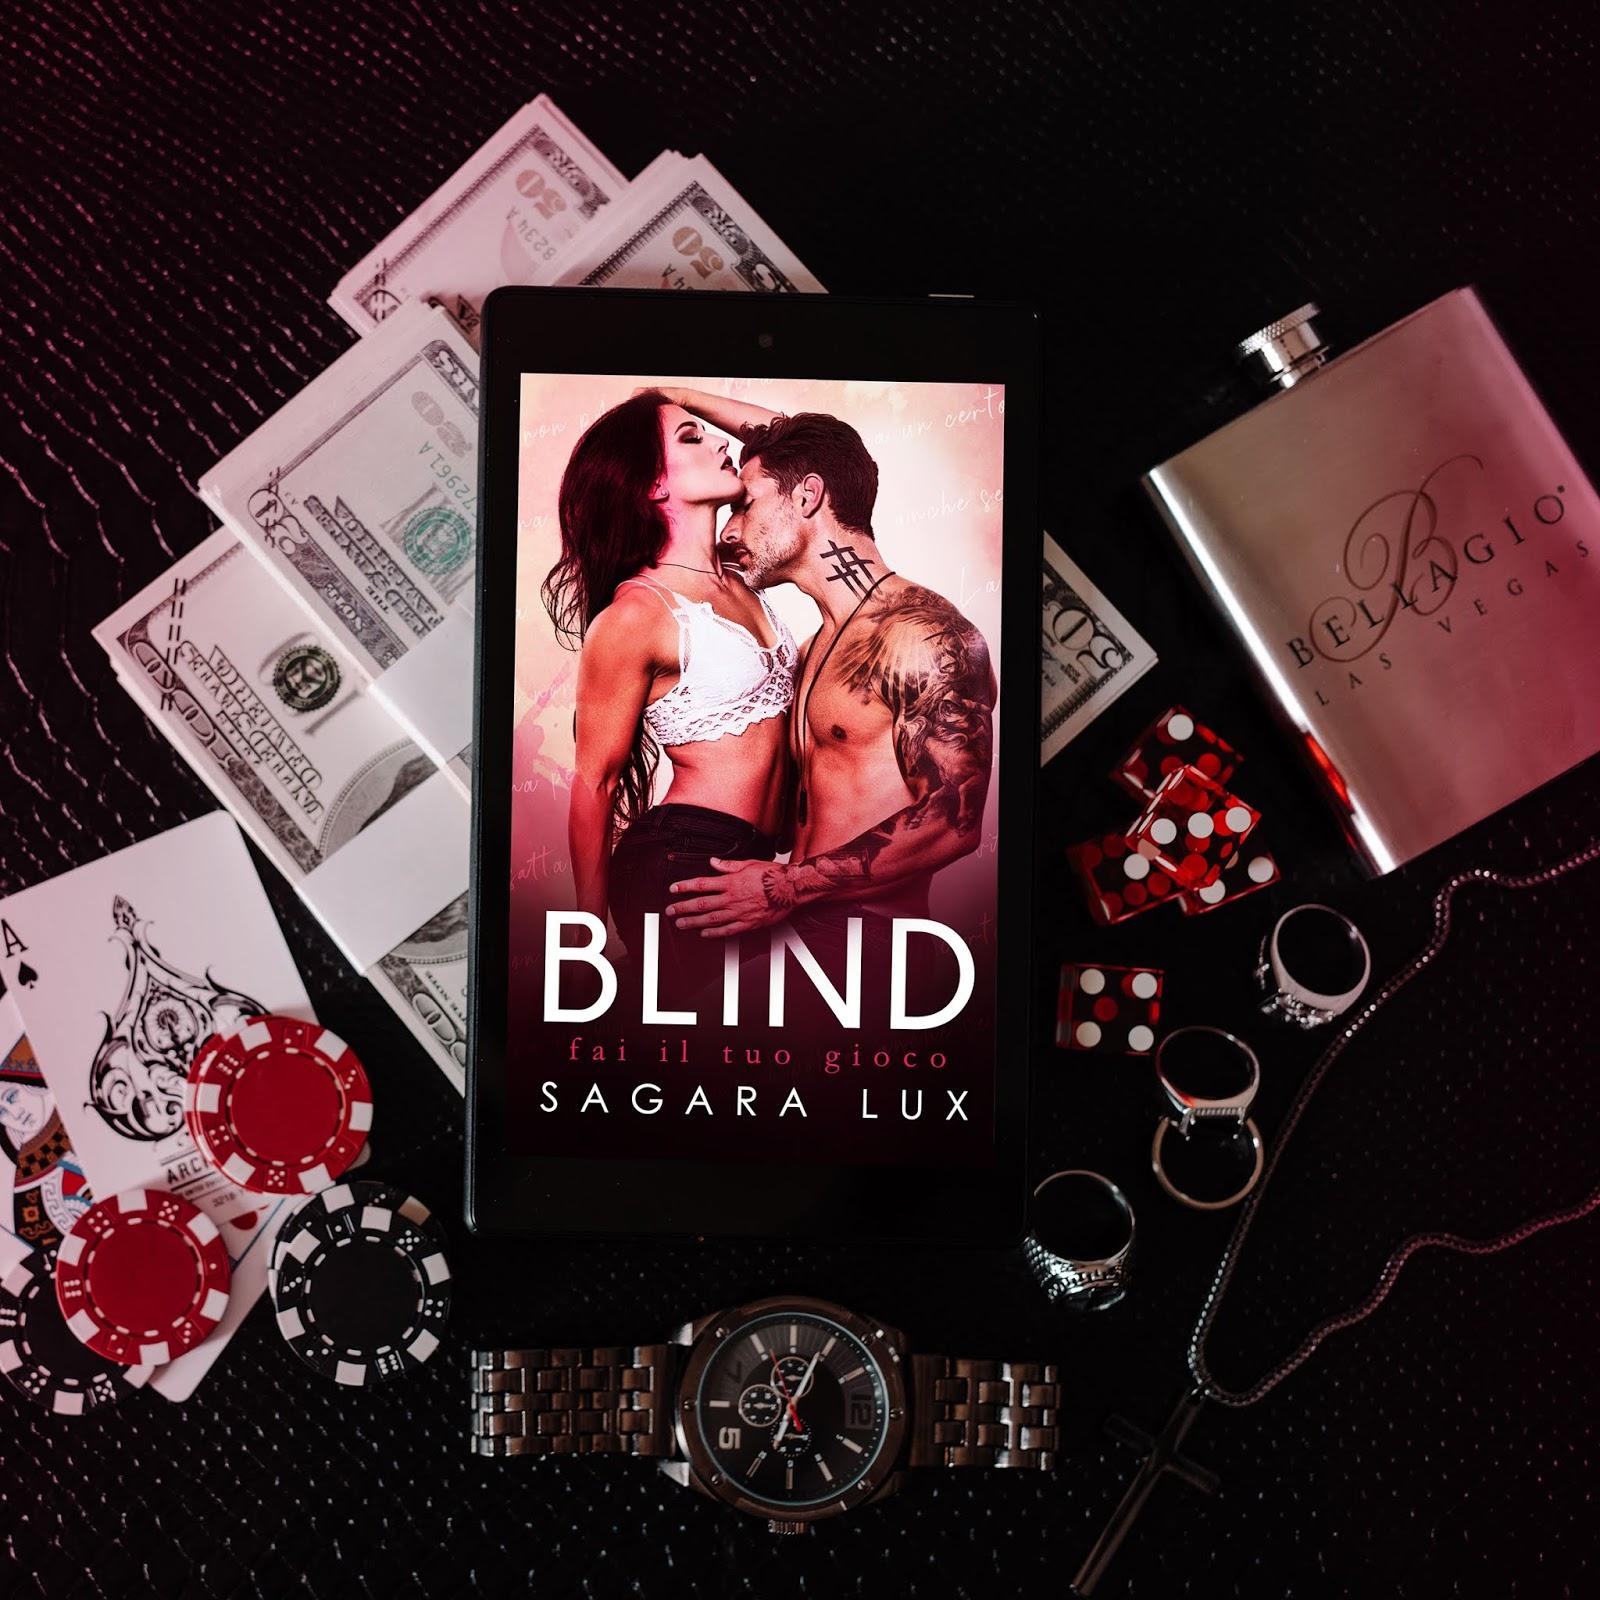 Blind: Fai il tuo gioco di Sagara Lux recensione